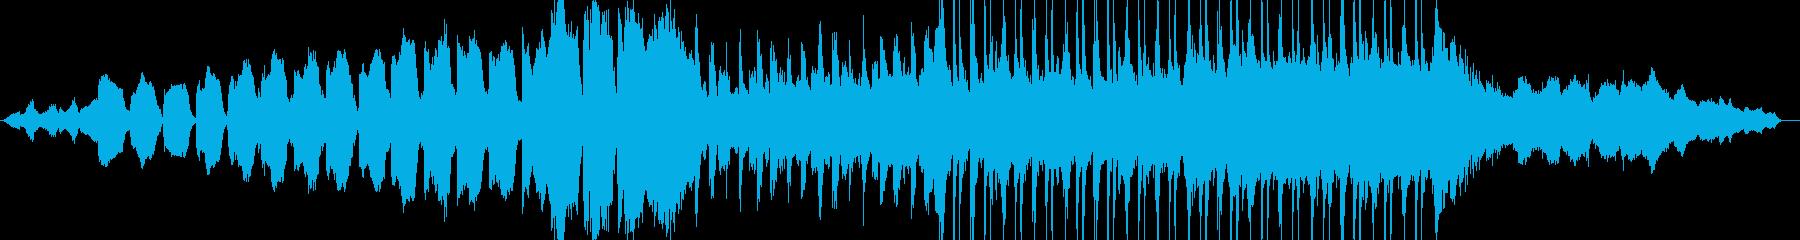 オーケストラによる壮大なプレリュードの再生済みの波形